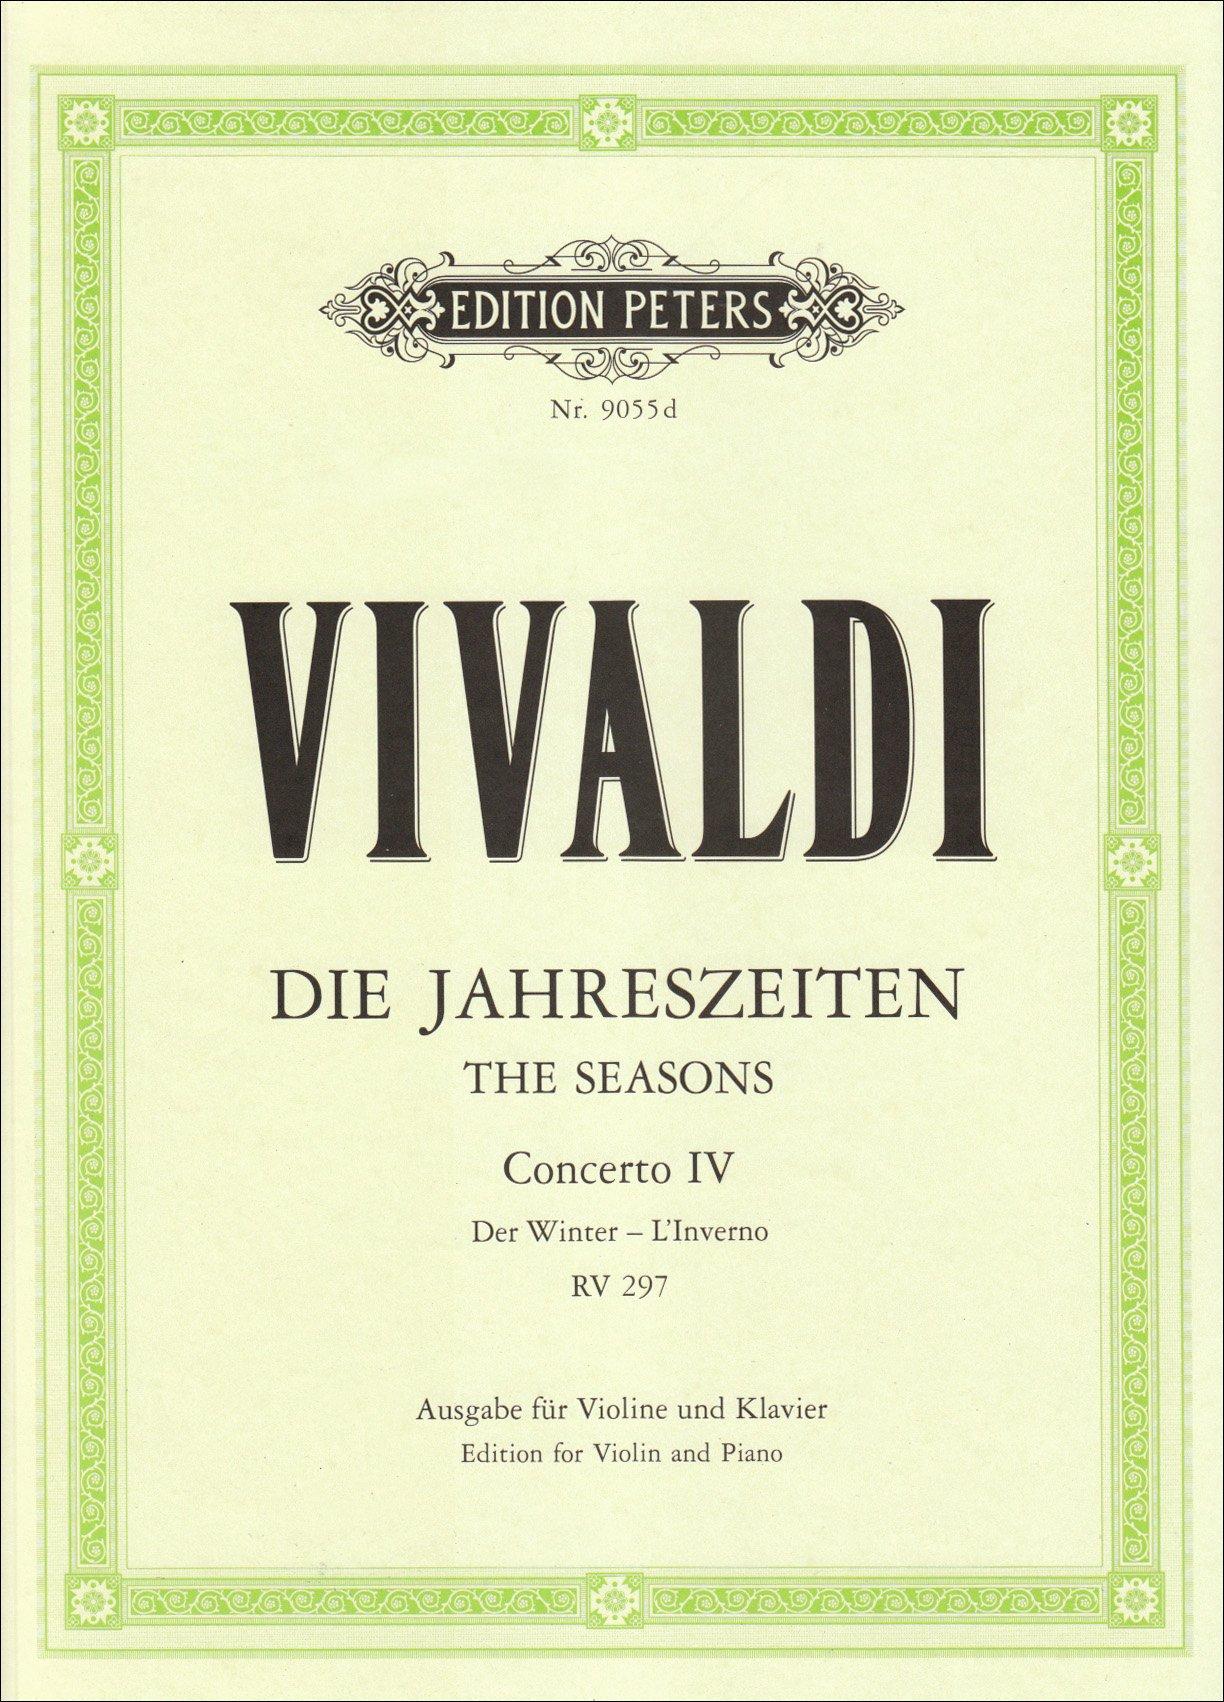 Die Vier Jahreszeiten  Konzert Für Violine Streicher Und Basso Continuo F Moll Op. 8 Nr. 4 RV 297 'Der Winter'  Ausgabe Für Violine Und Klavier